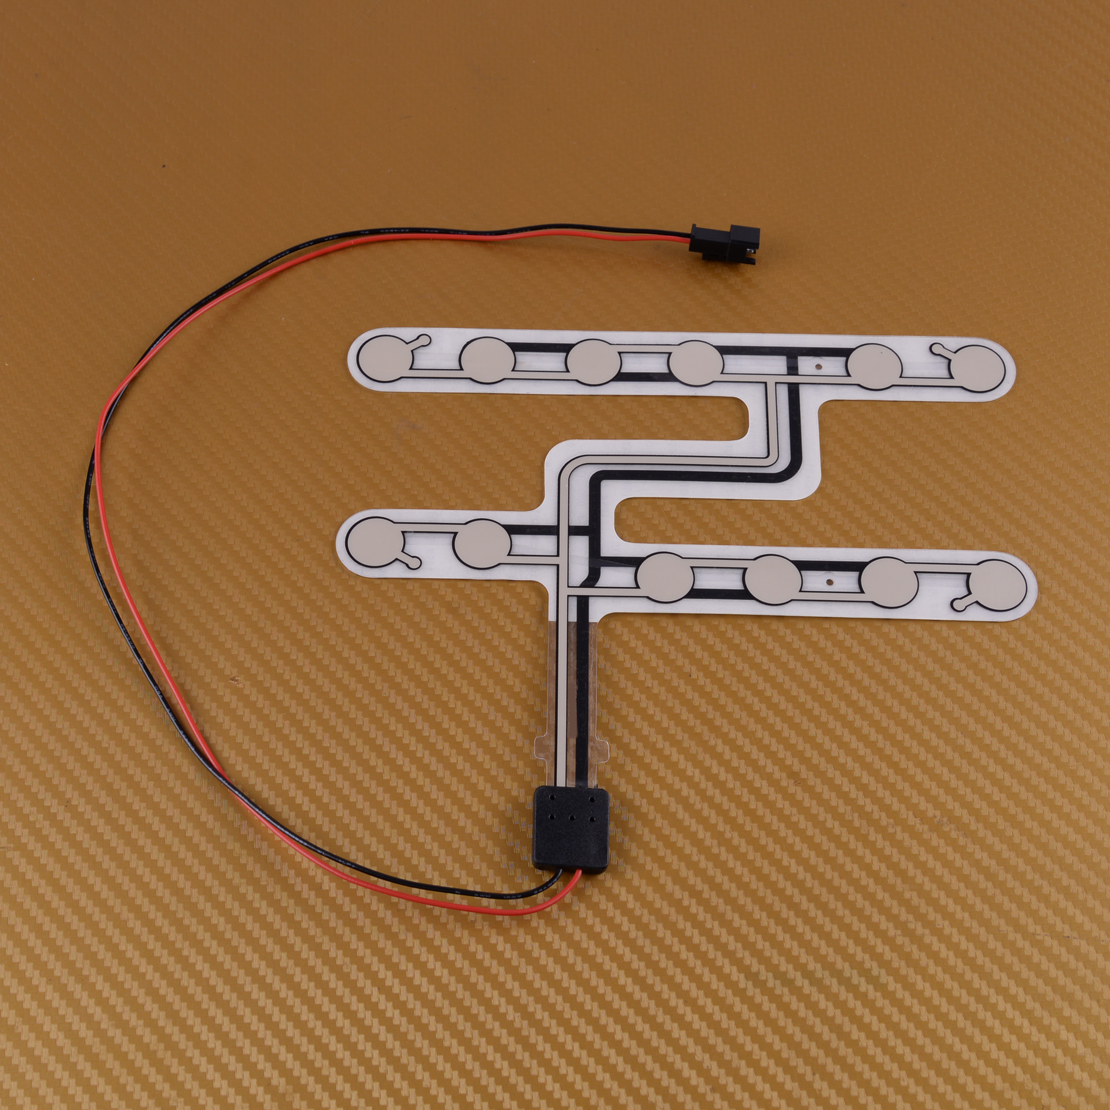 CITALL 범용 카시트 압력 센서 안전 벨트 액세서리 경고 알림 패드 점유 된 장착 알람